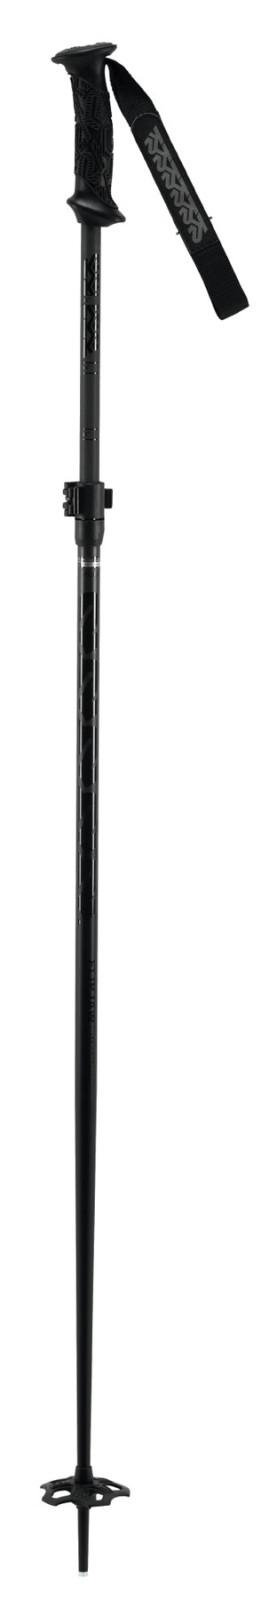 K2 FlipJaw 135 - černá